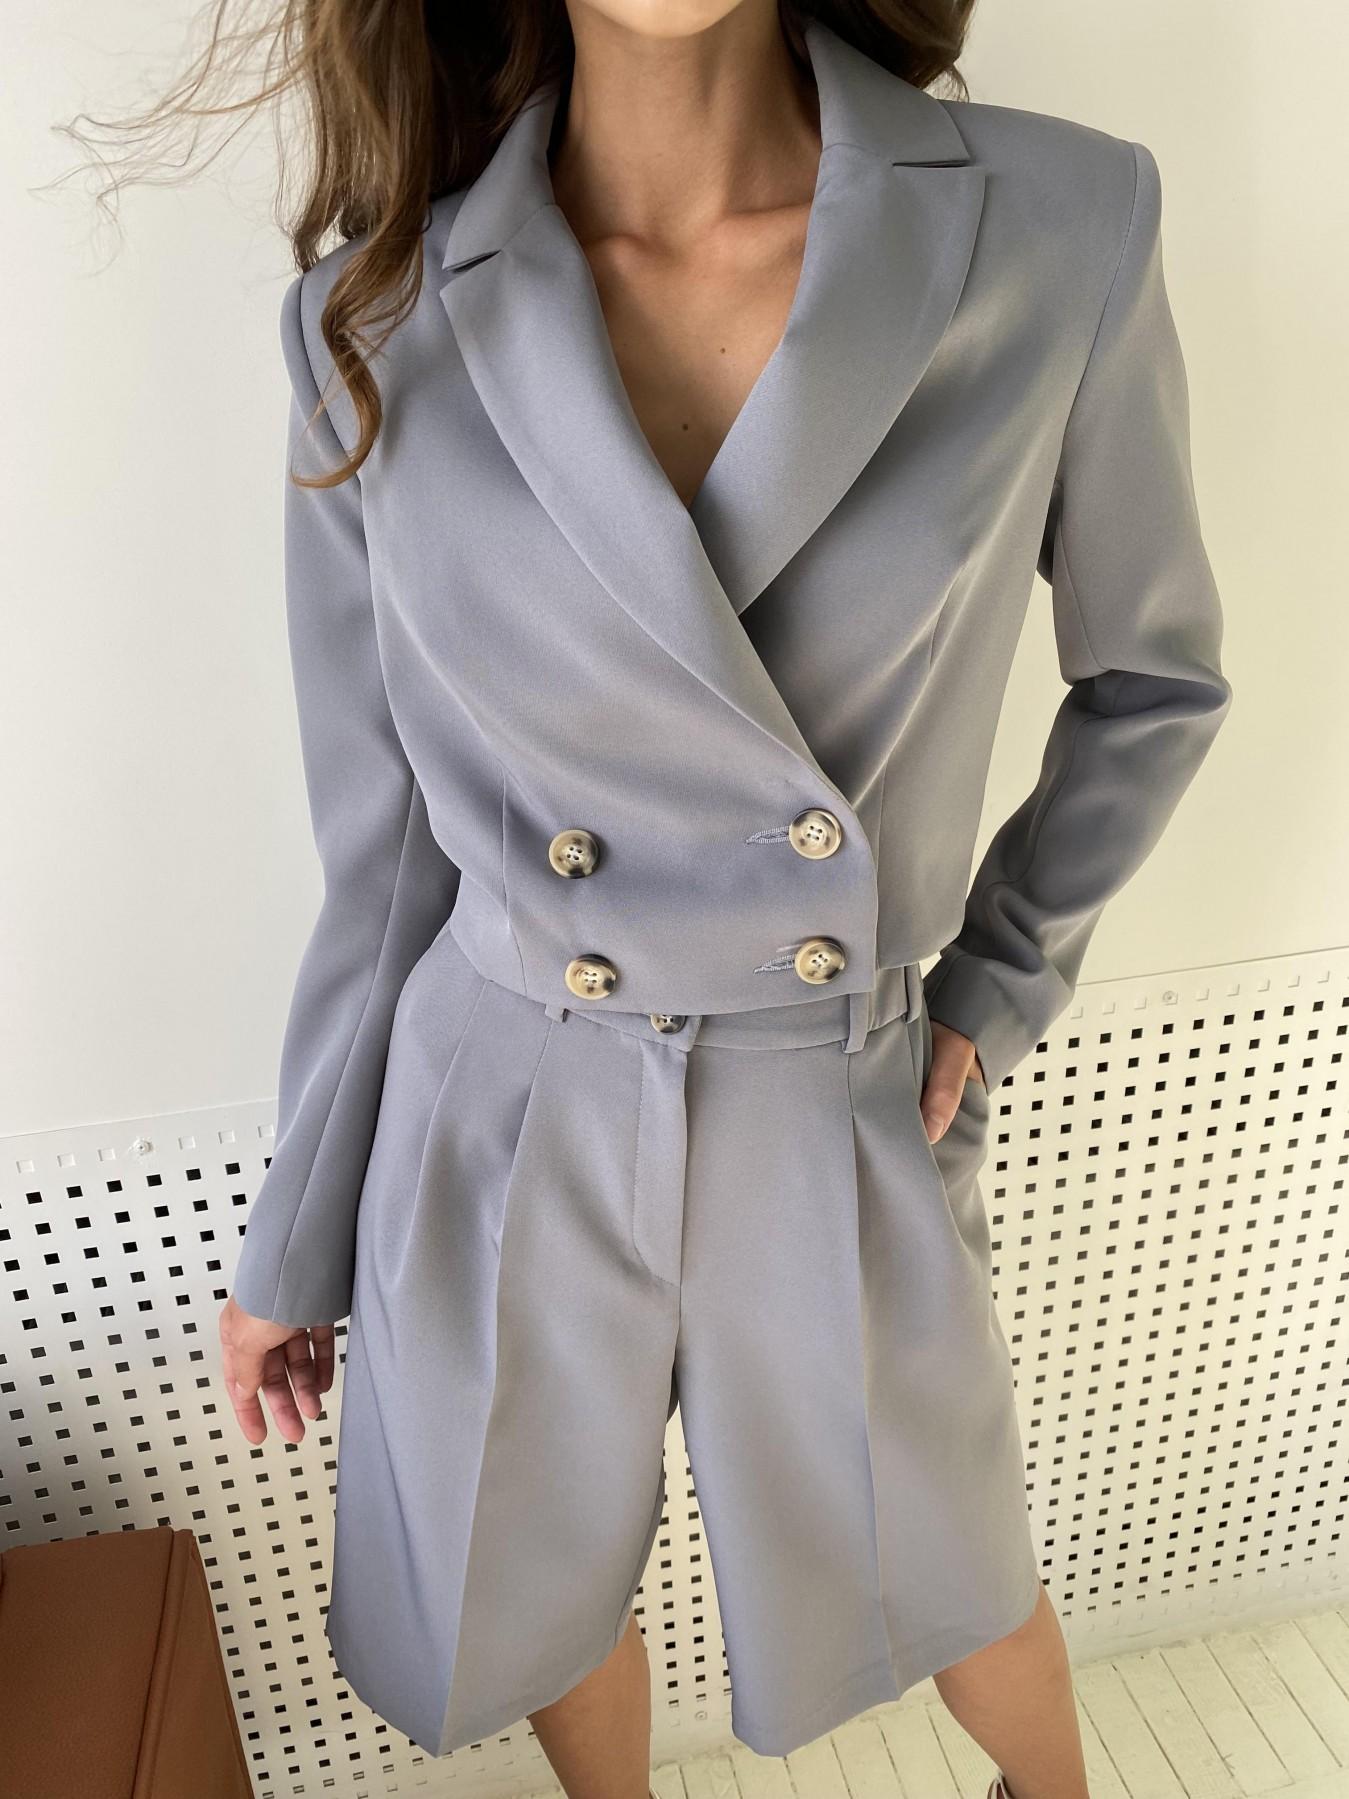 Оксфорд костюм из костюмной ткани стрейч 11548 АРТ. 48387 Цвет: Графит светлый - фото 1, интернет магазин tm-modus.ru